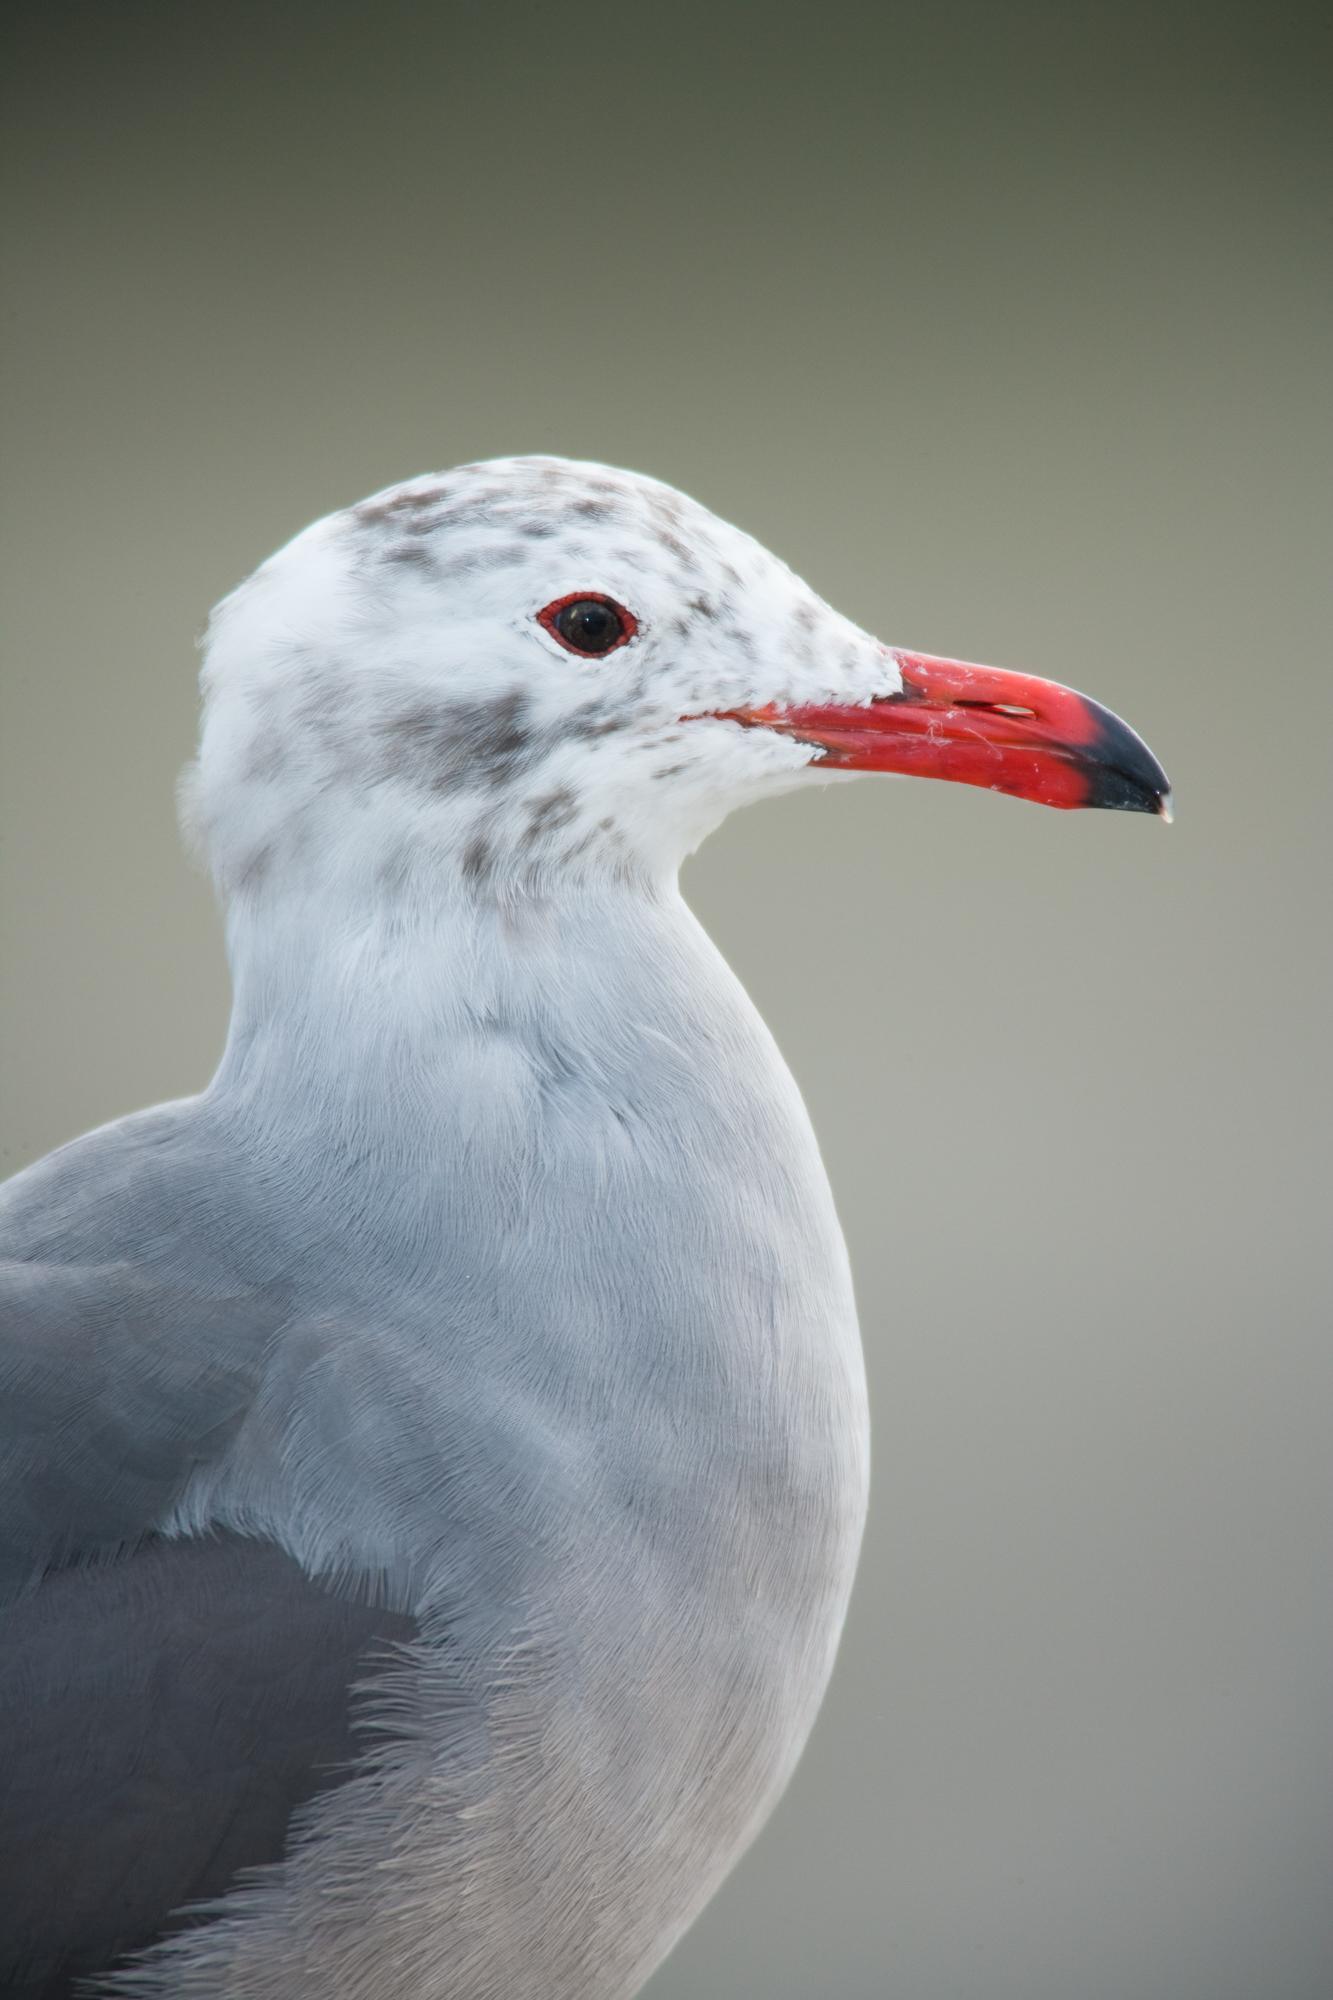 Herman's Gull - Basic Plumage..基羽的红嘴灰鸥